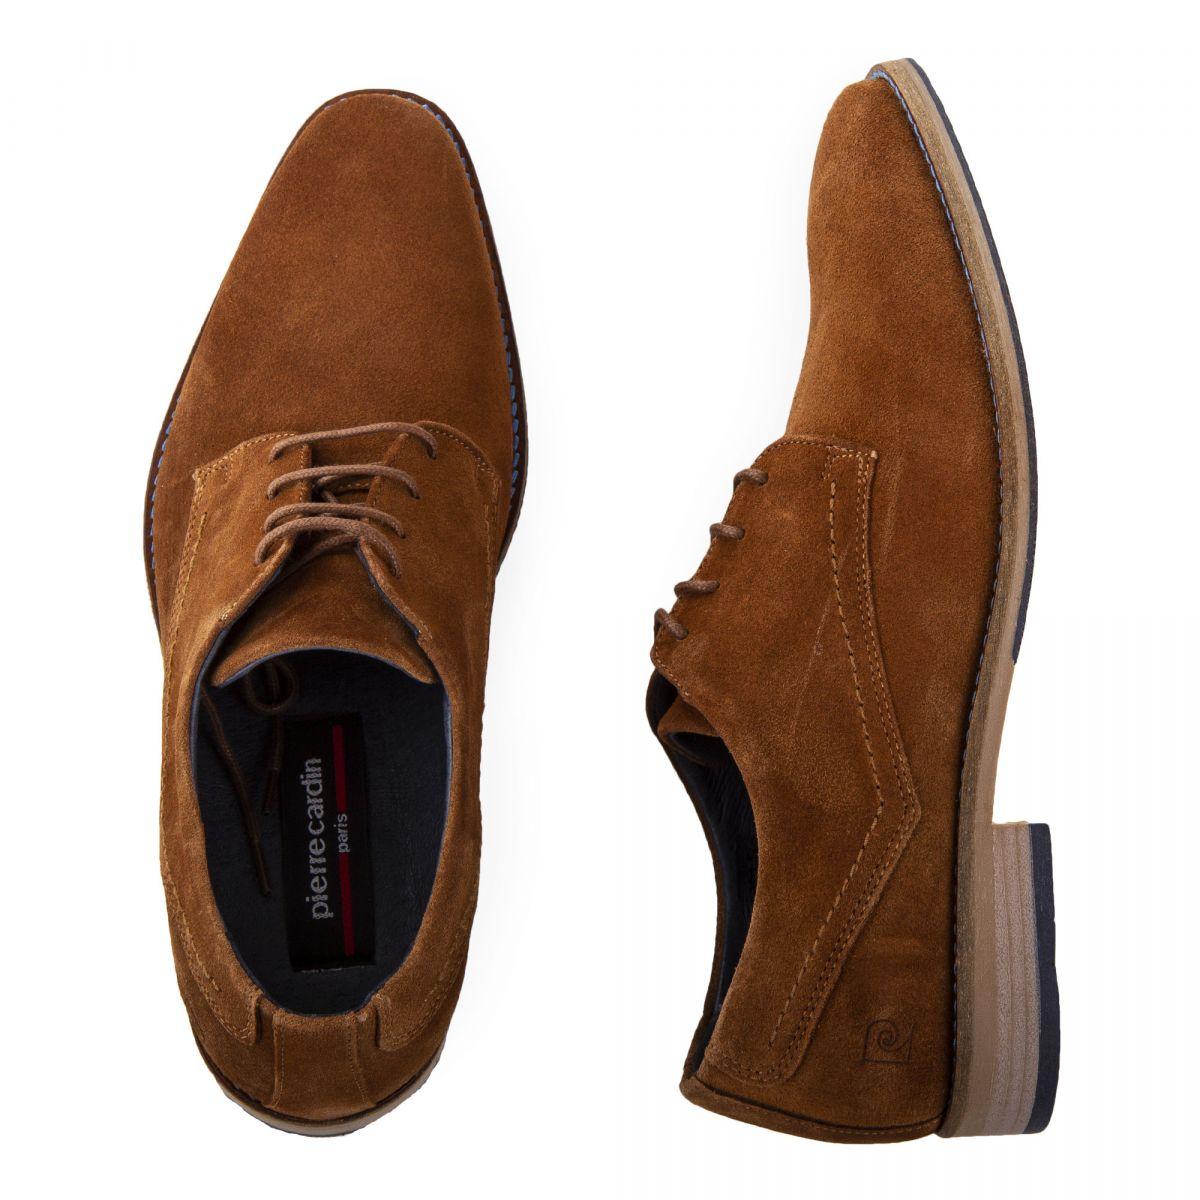 Chaussures en prix PIERRE Derbies dégriffé daim à homme CARDIN wn08OXPk